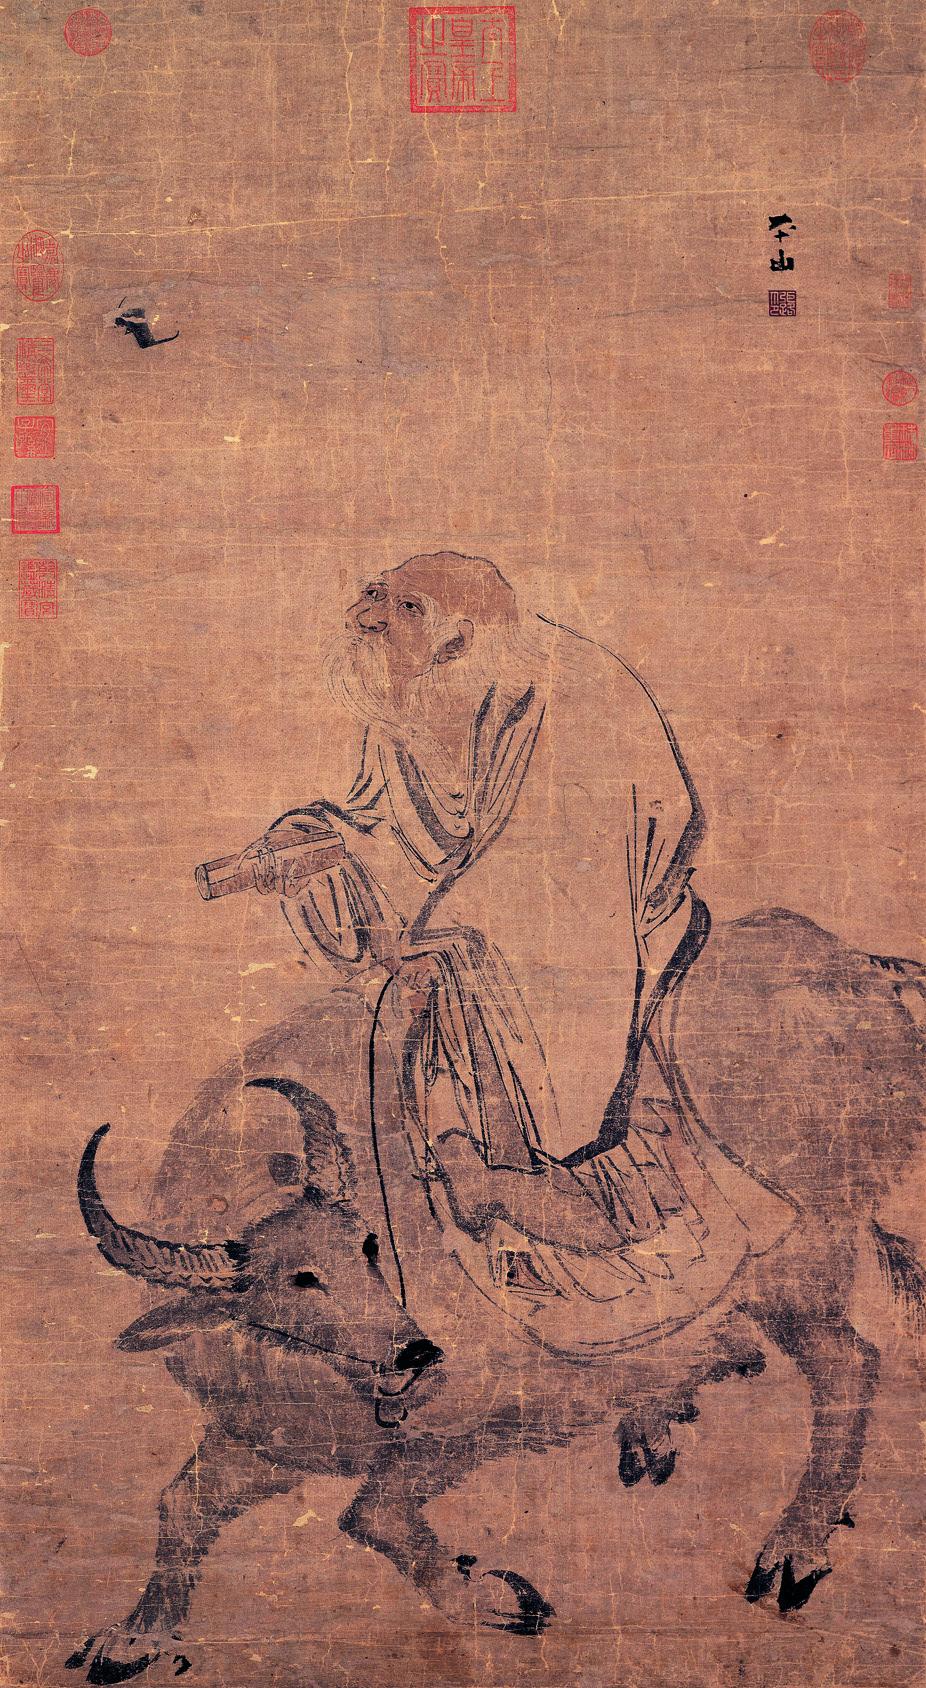 Stampa antica cinese di Lozi che migra a cavallo di un mulo